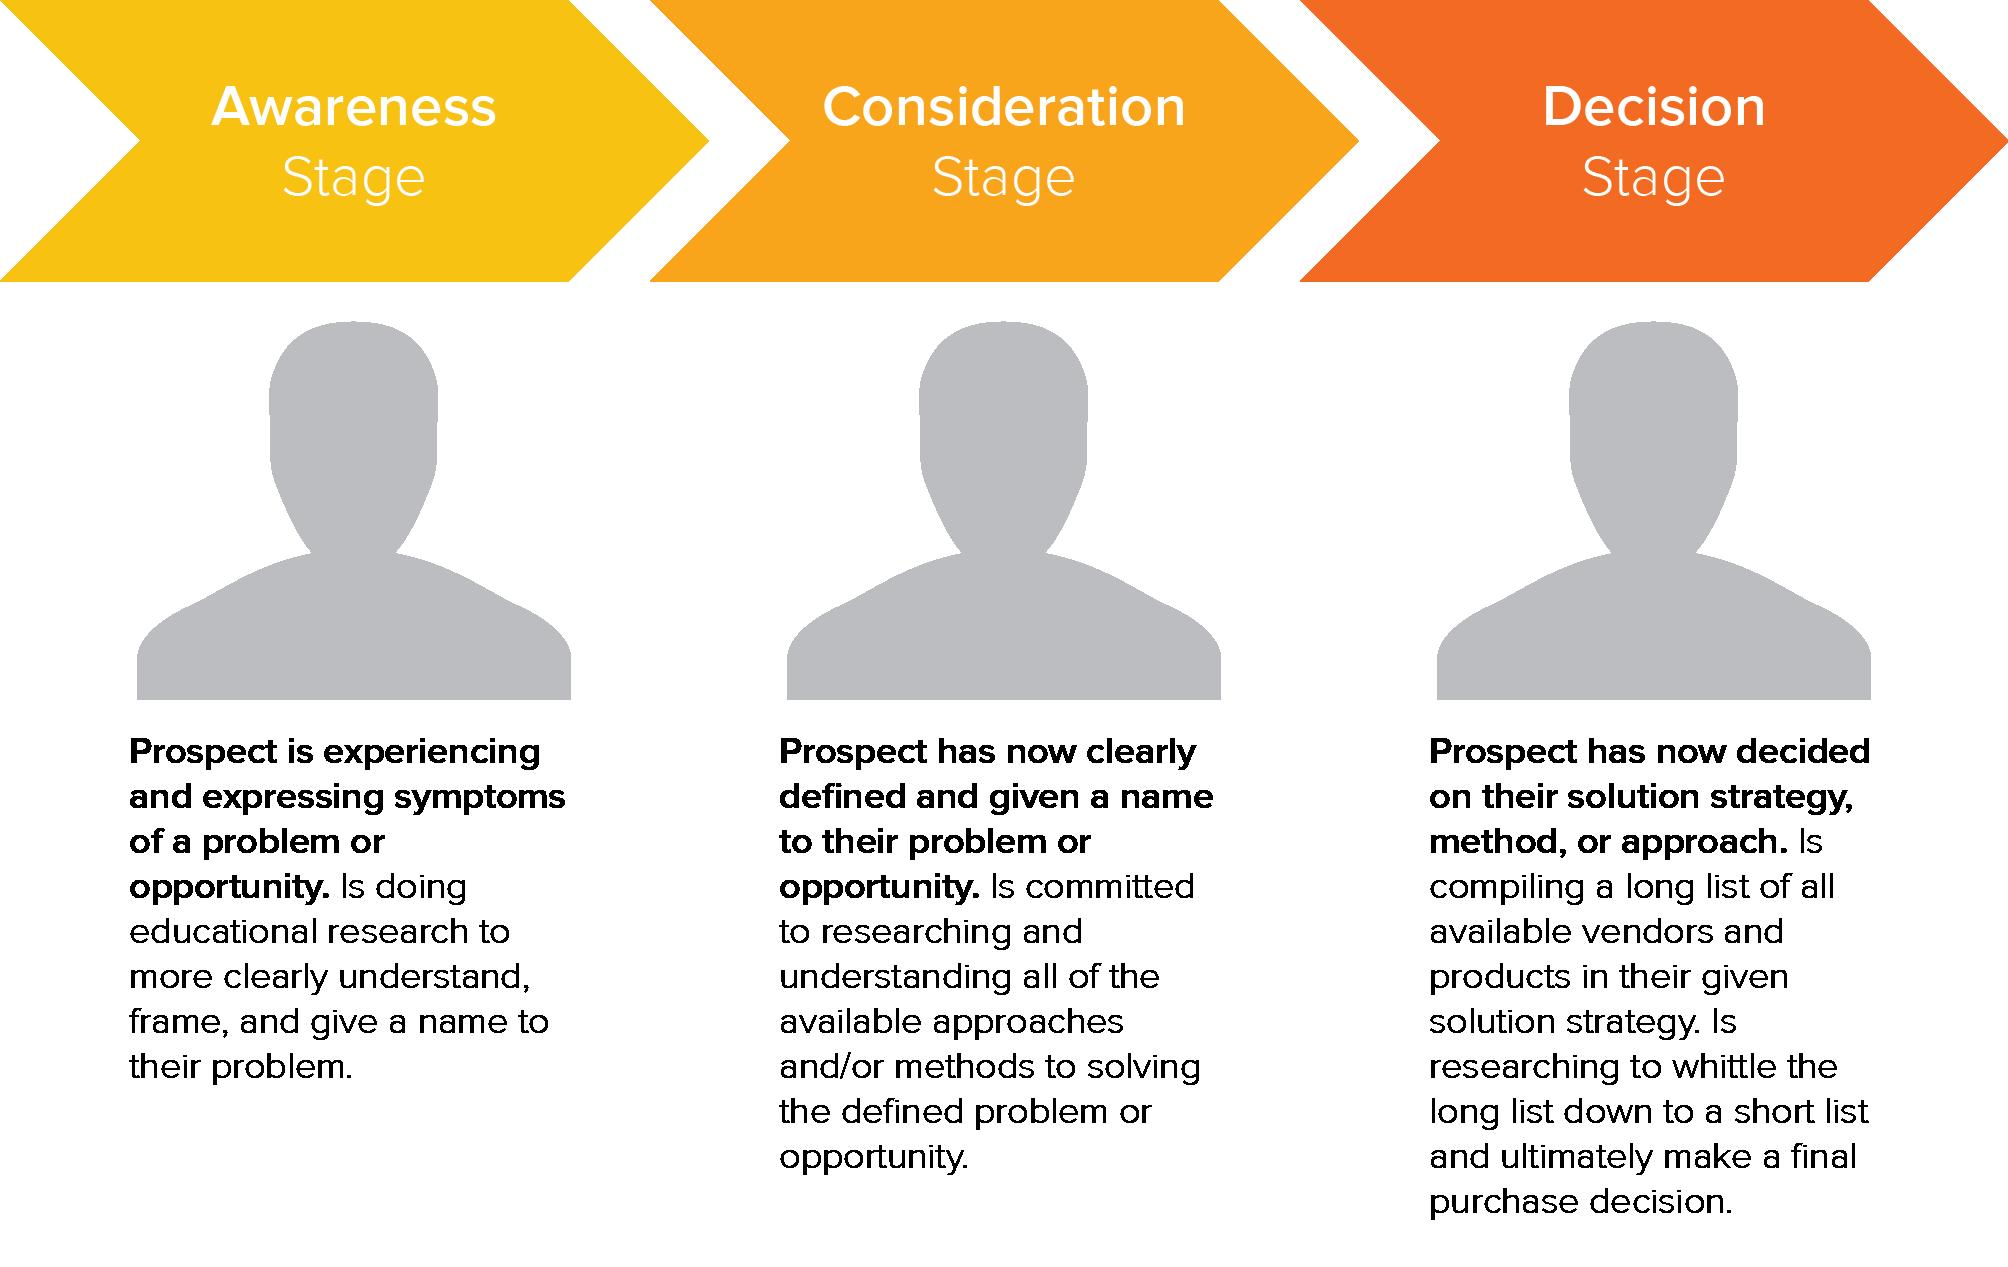 HubSpot Buyer's Journey Overview